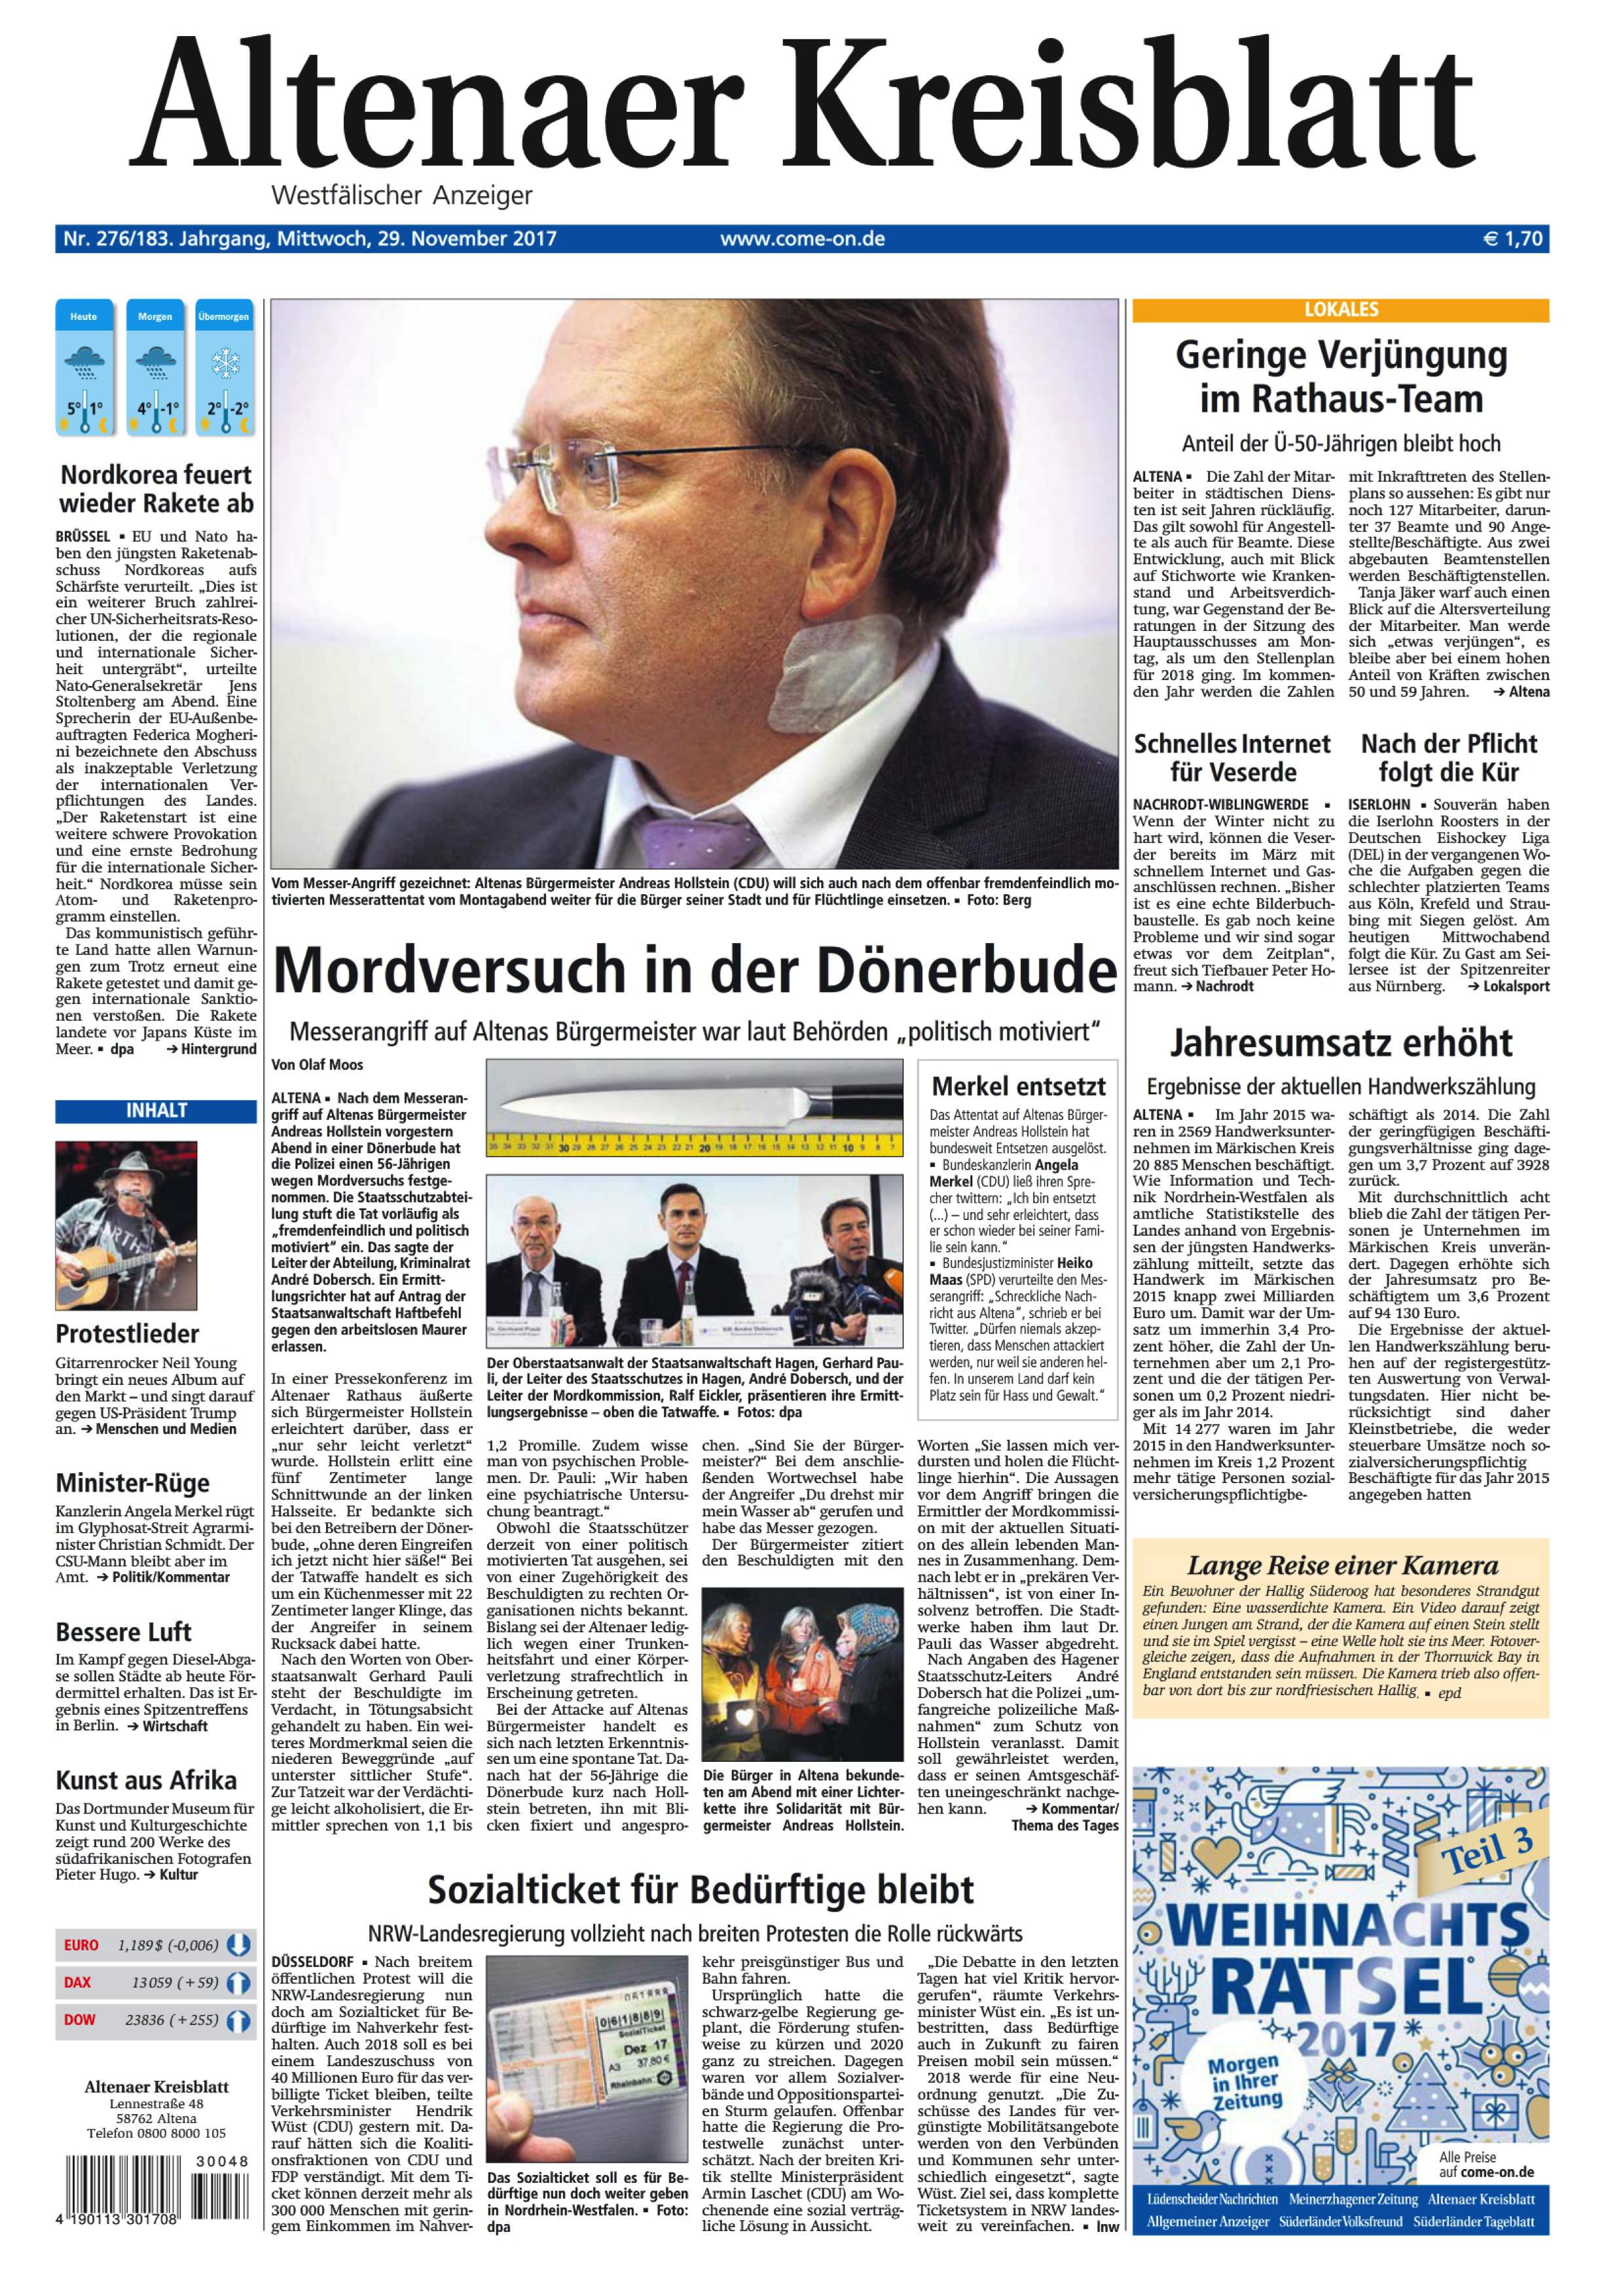 Tageblatt - revolvy.com